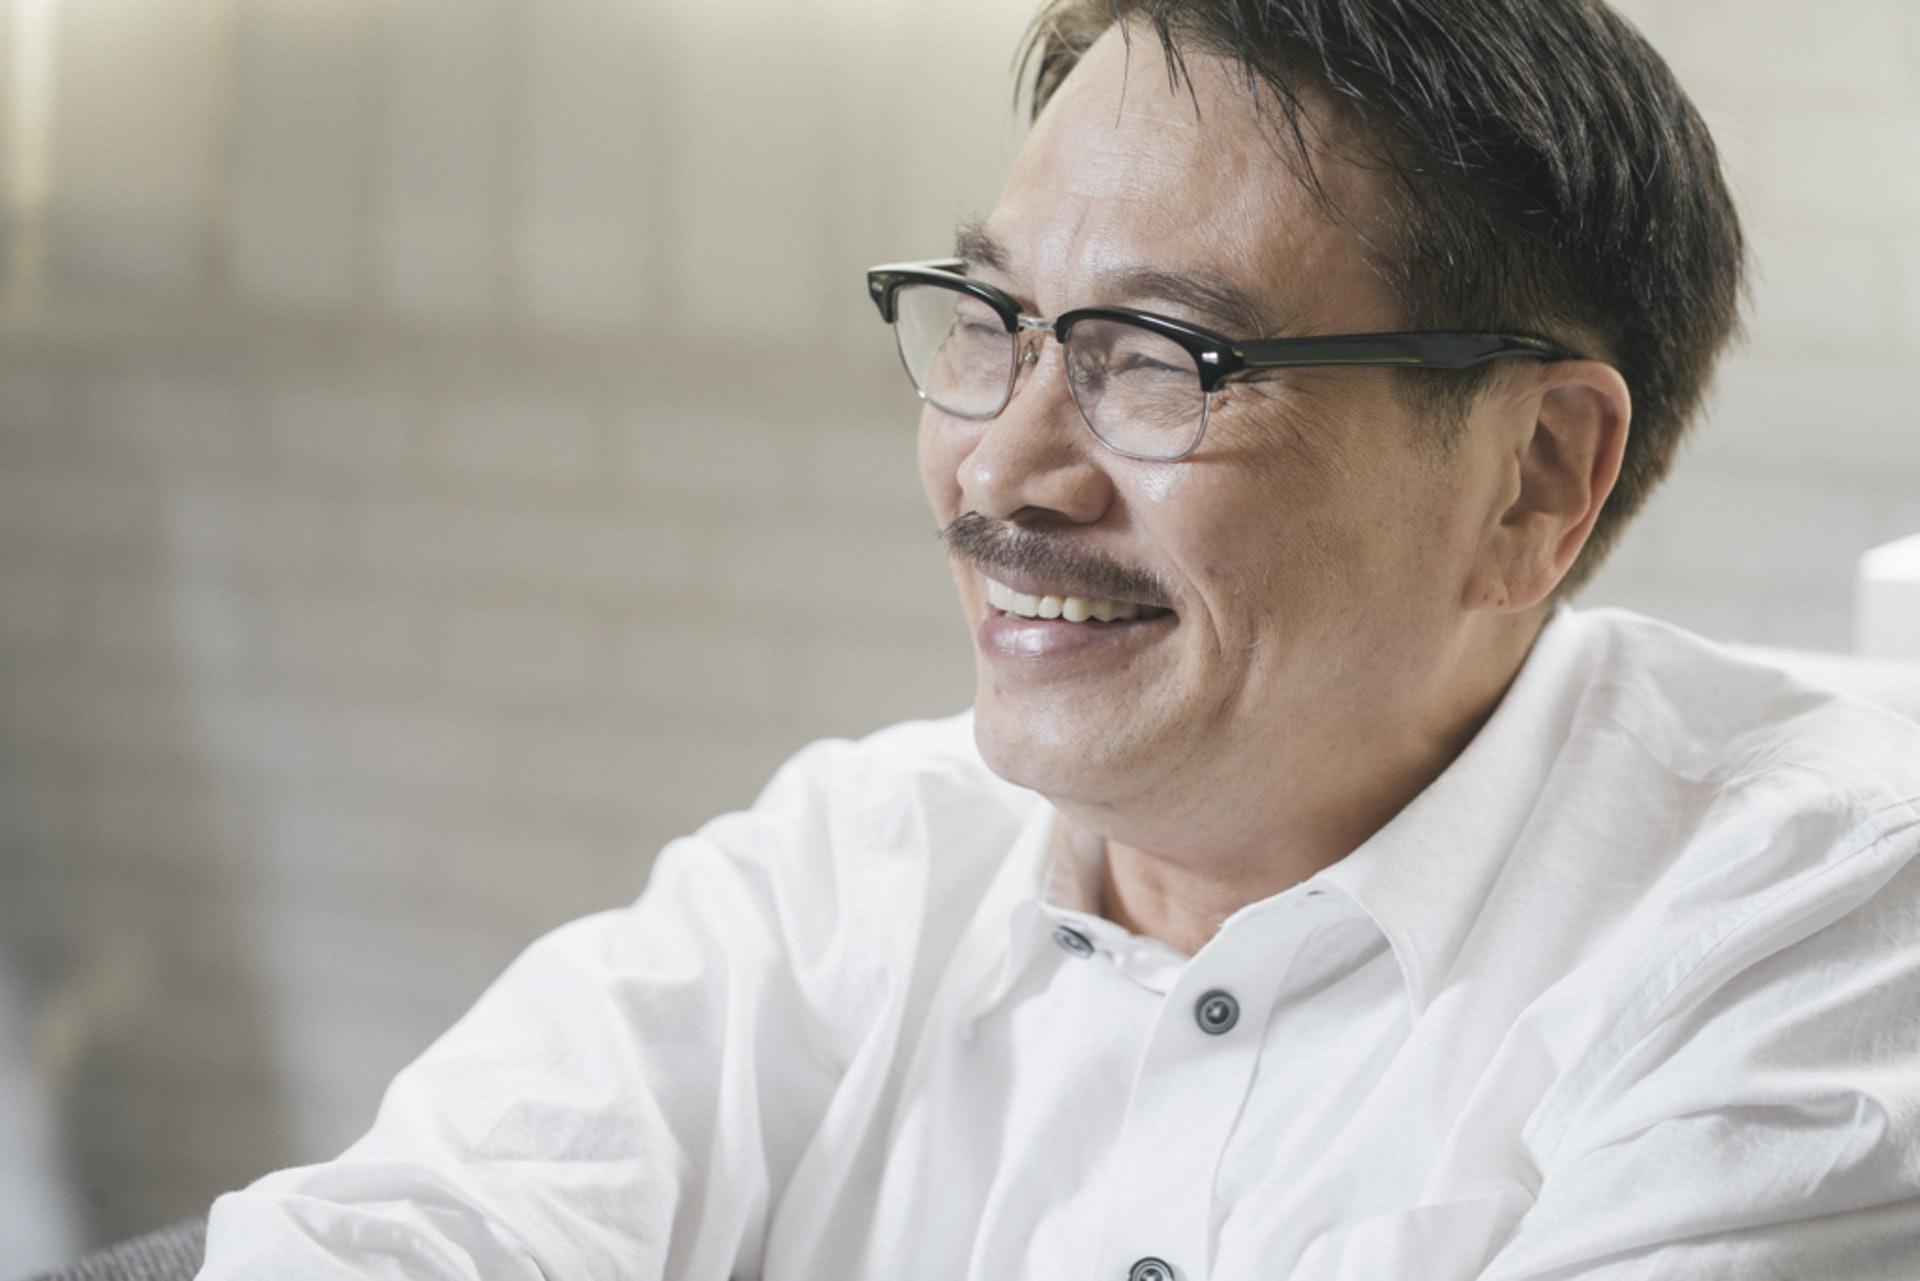 Diễn viên Ngô Mạnh Đạt. Ảnh: HK01.